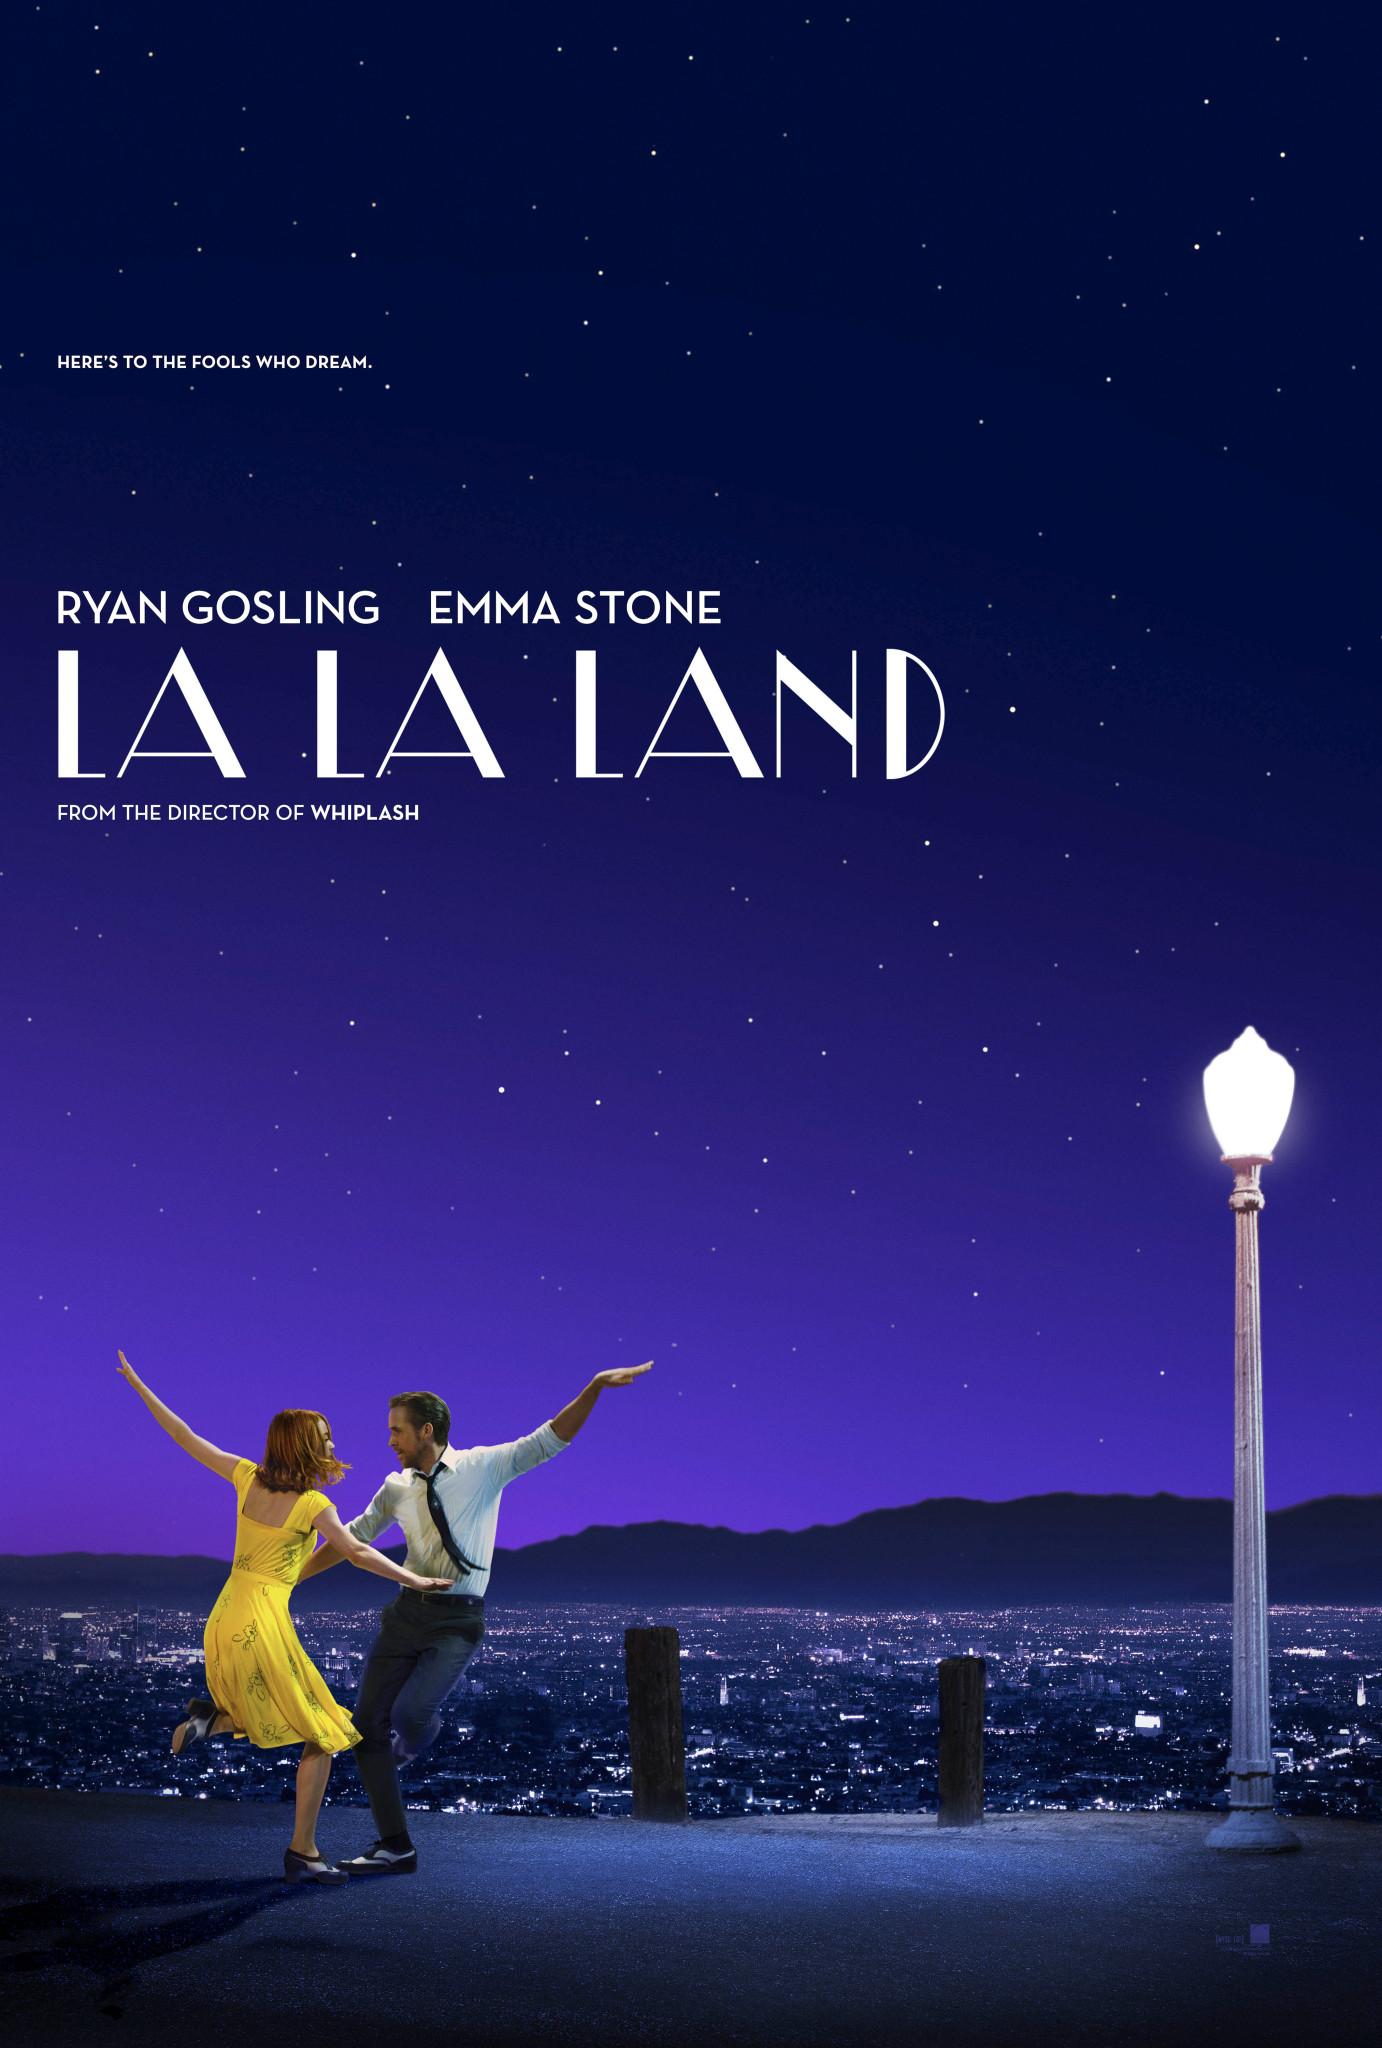 라라랜드, La La Land, 2016